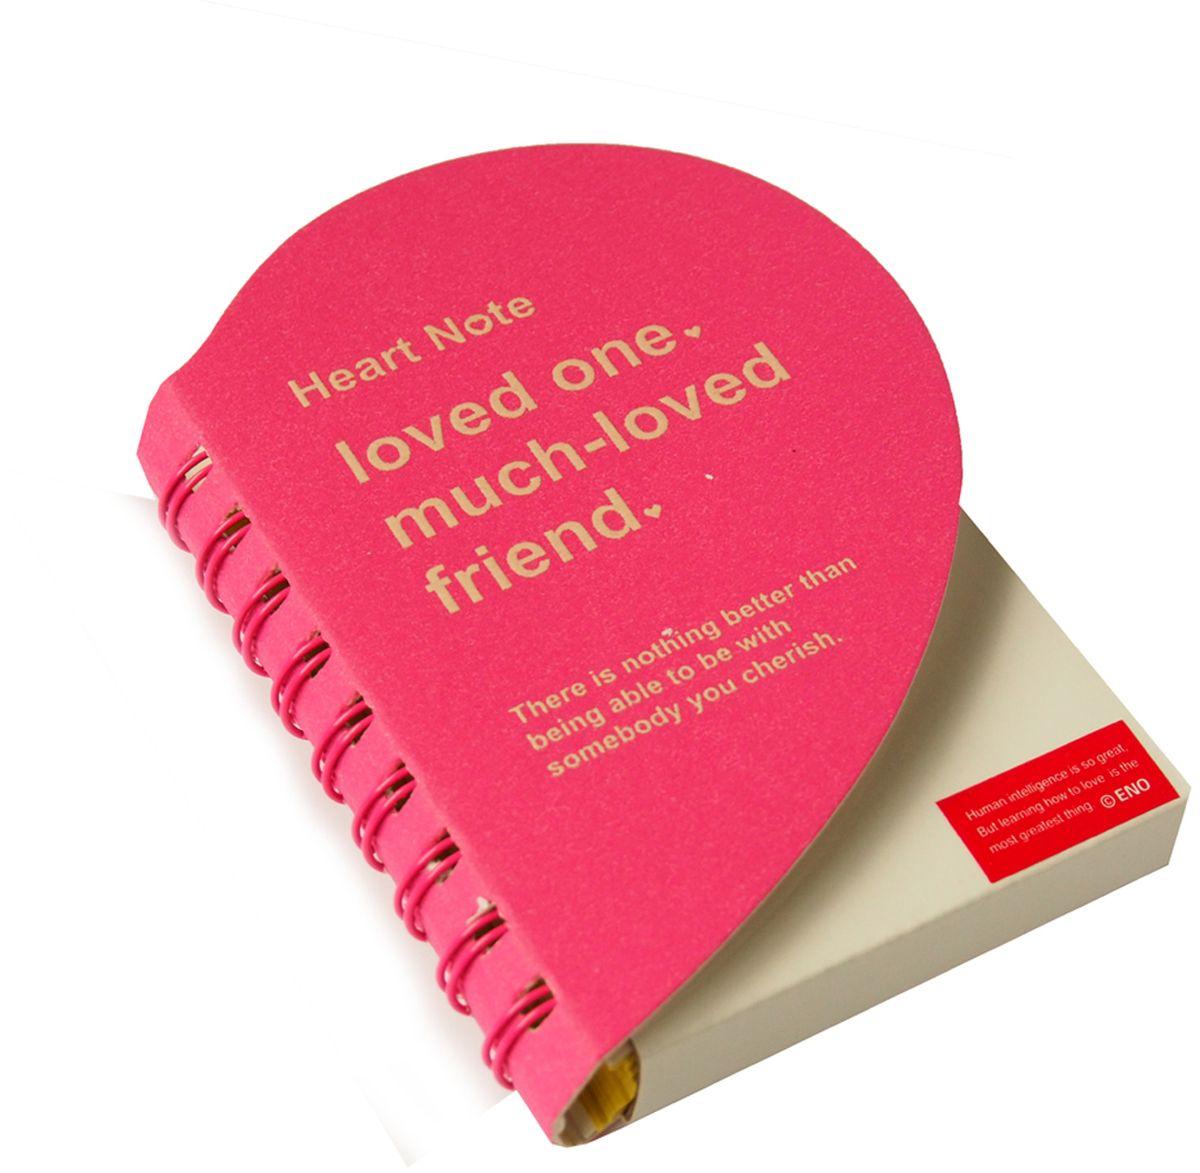 Карамба Блокнот Сердце 136 листов цвет ярко-розовый2894Очень красивый и удобный блокнот Карамба выполнен в виде сердца с цветными нелинованными страницами. Блокнот на спирали имеет 136 листов.